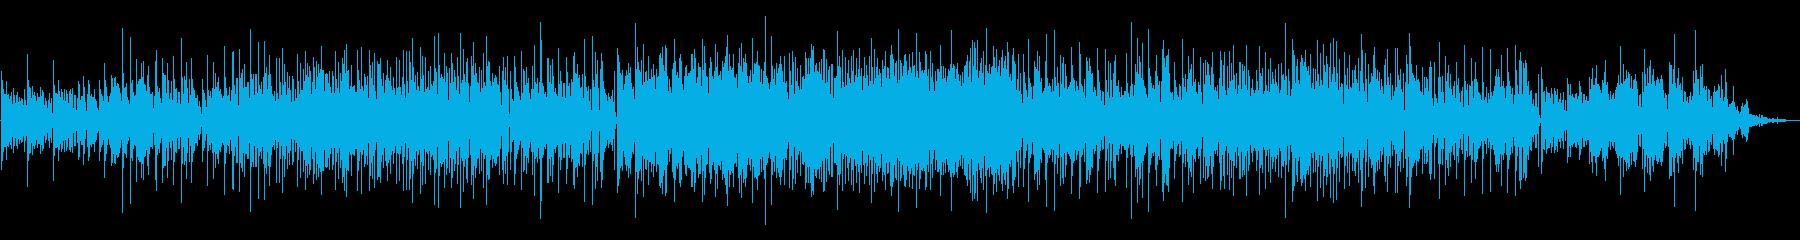 爽やかなフュージョンの再生済みの波形